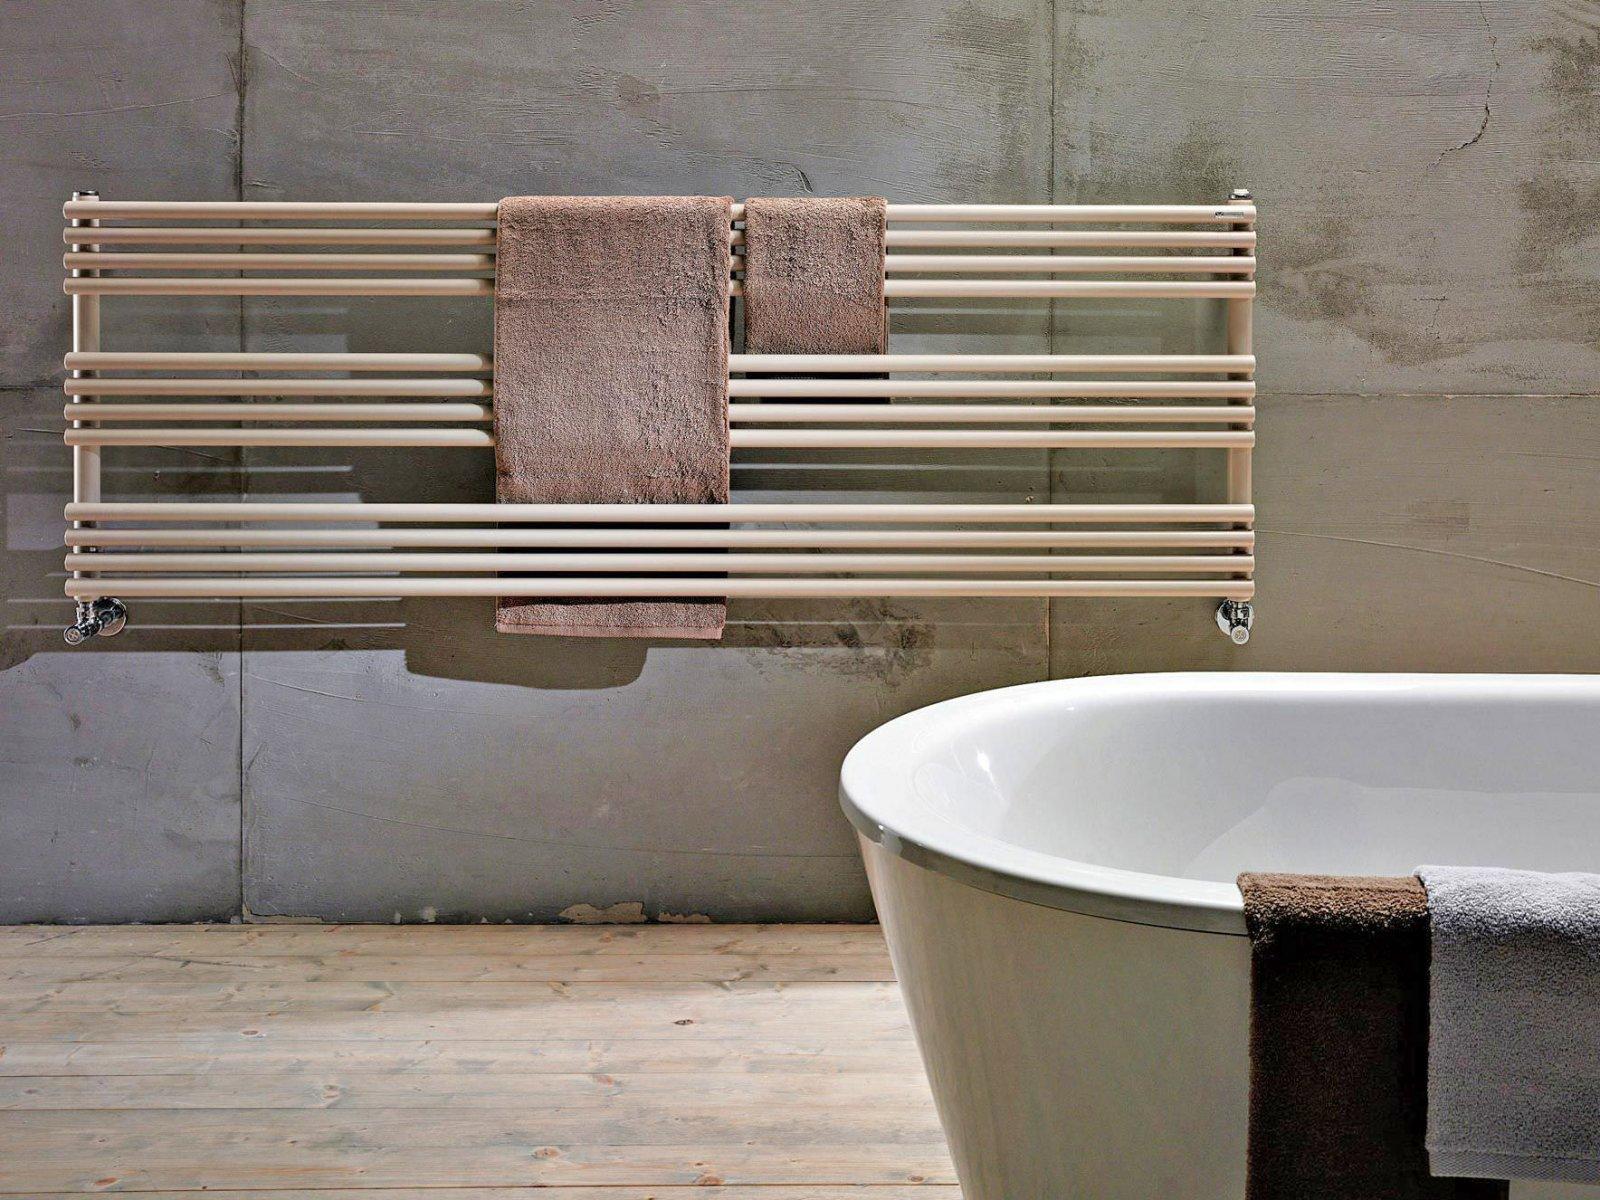 Chauffage soufflant lectrique pour salle de bain for Chauffage electrique salle de bain soufflant